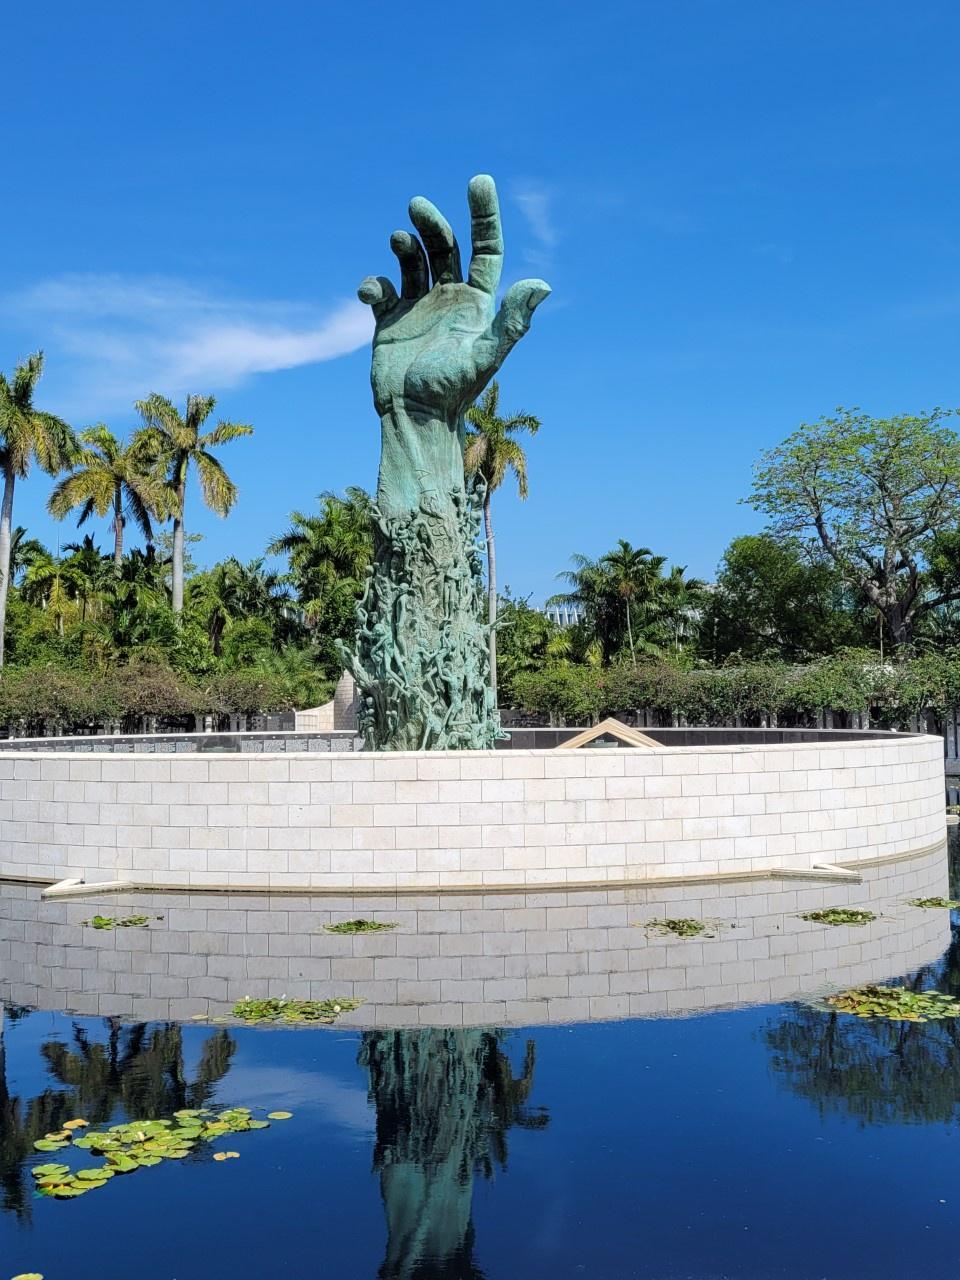 El memorial del Holocausto Miami Beach